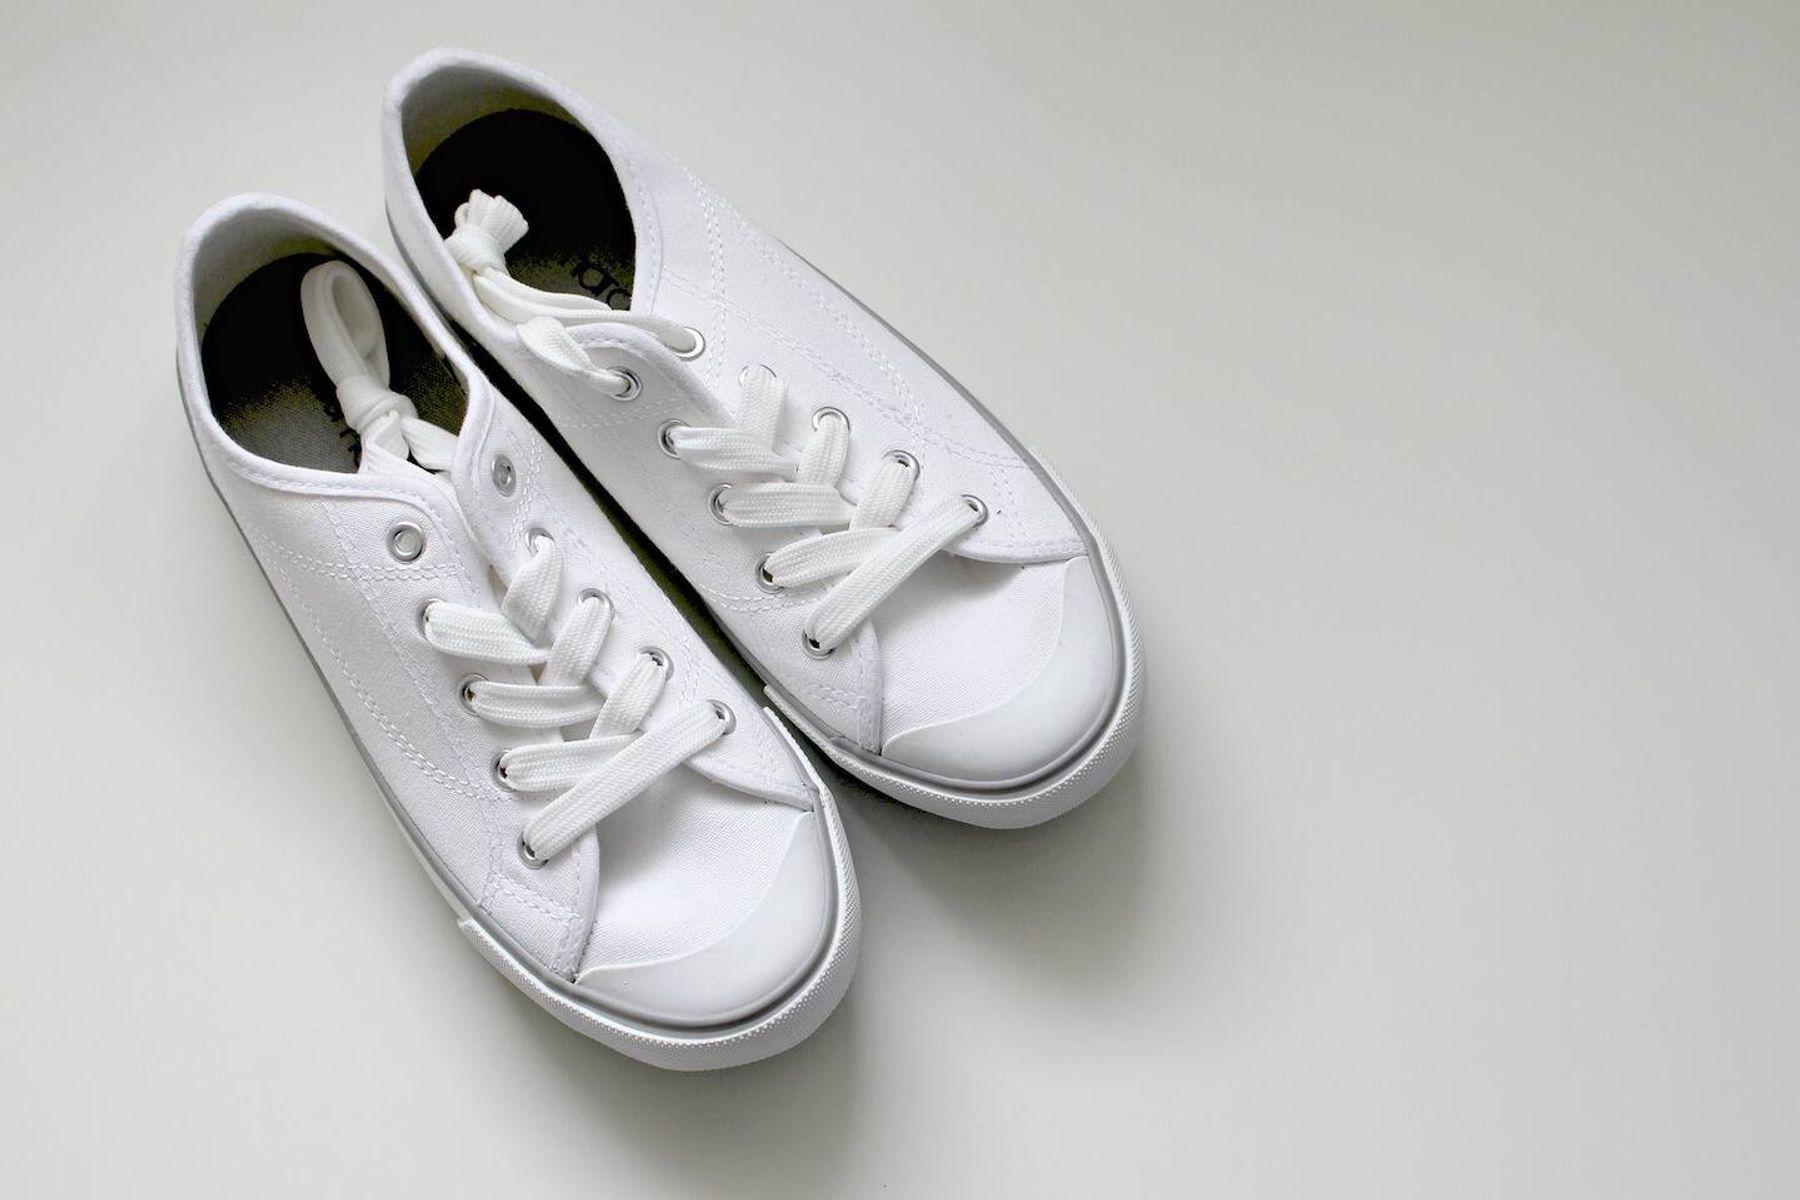 7 cách giặt giày thể thao siêu tiết kiệm thời gian, các nàng note lại ngay nhé!